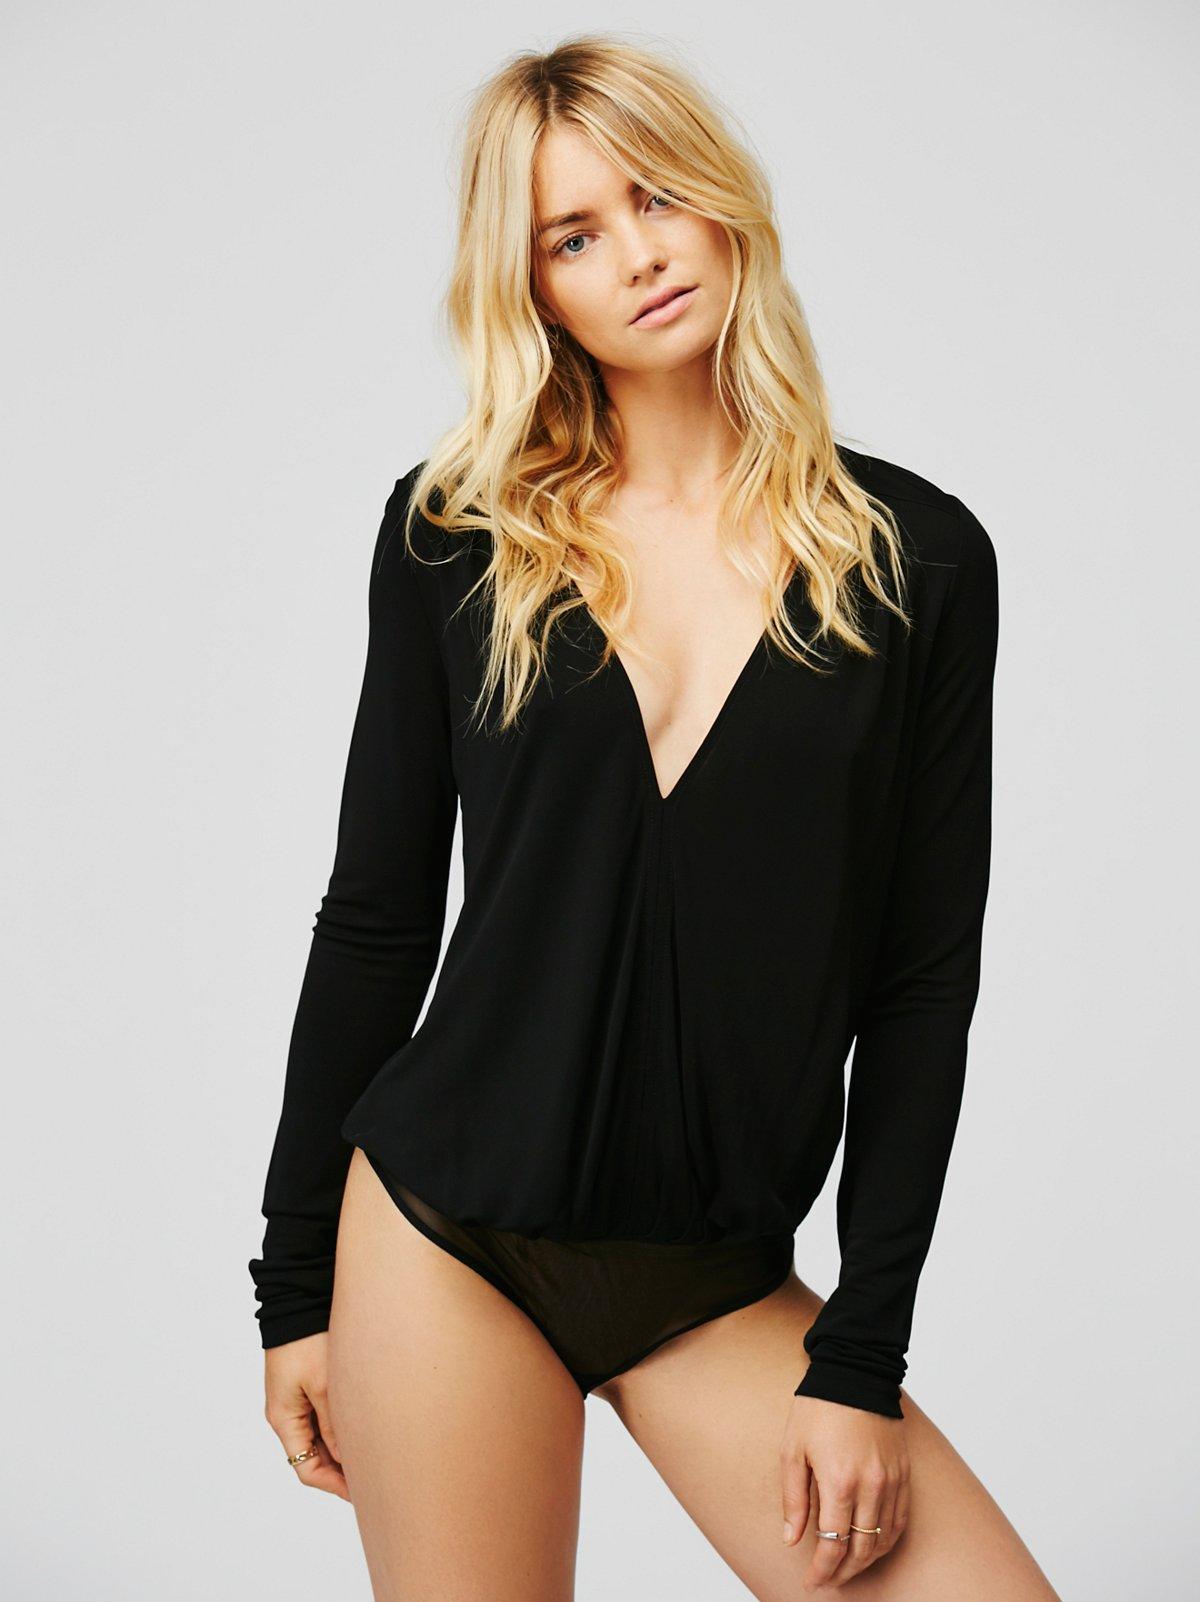 Say No More Bodysuit